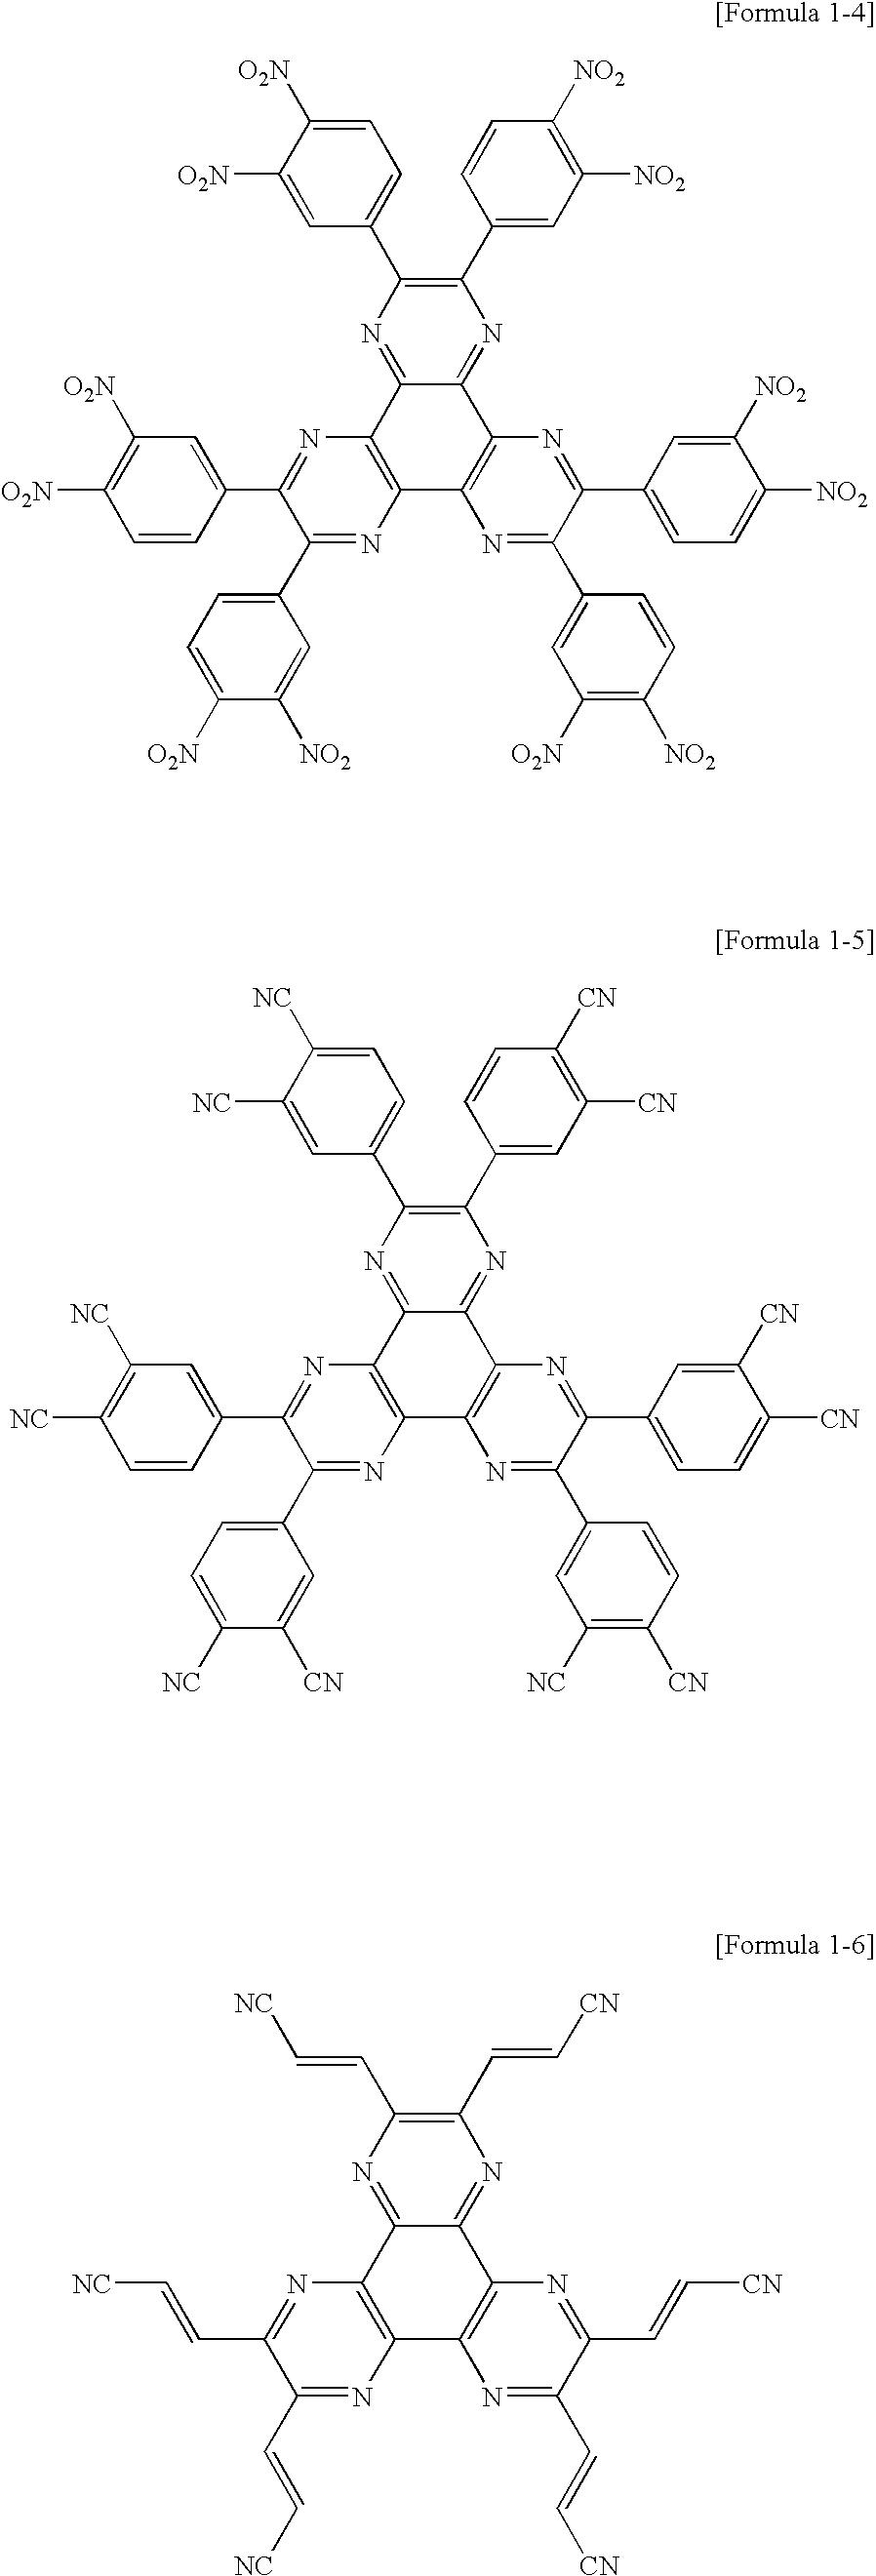 Figure US20090009101A1-20090108-C00010